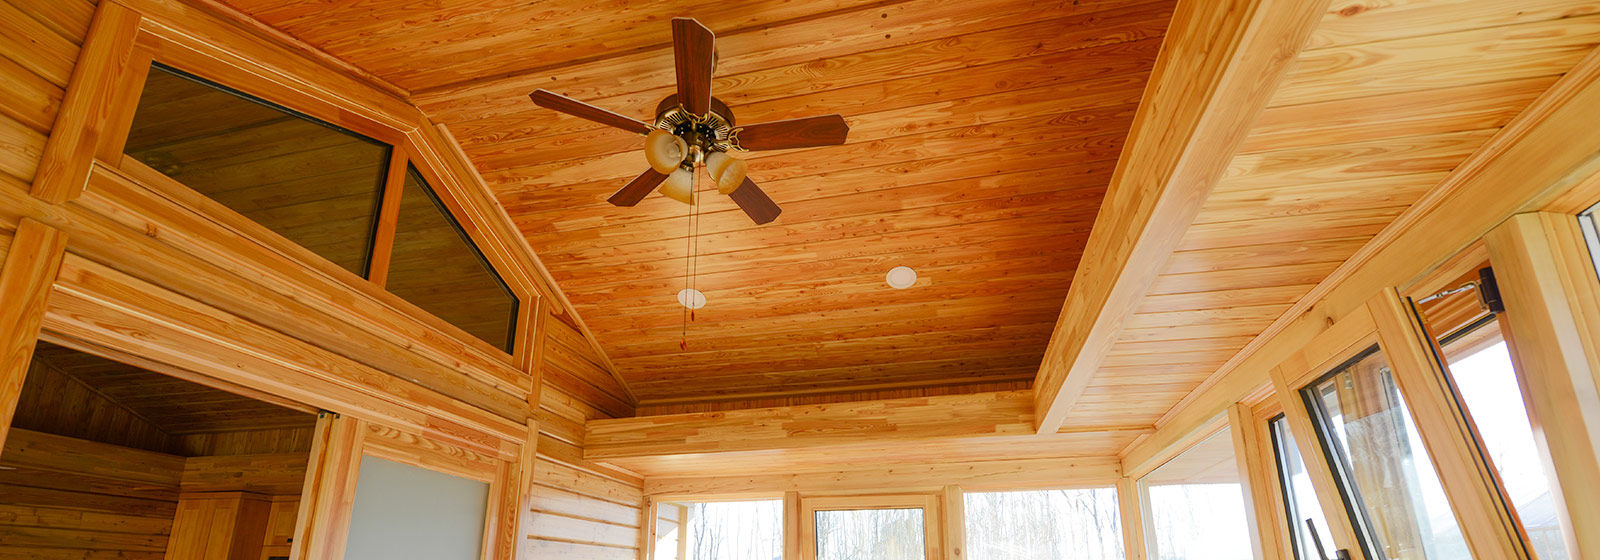 木屋吊顶展示